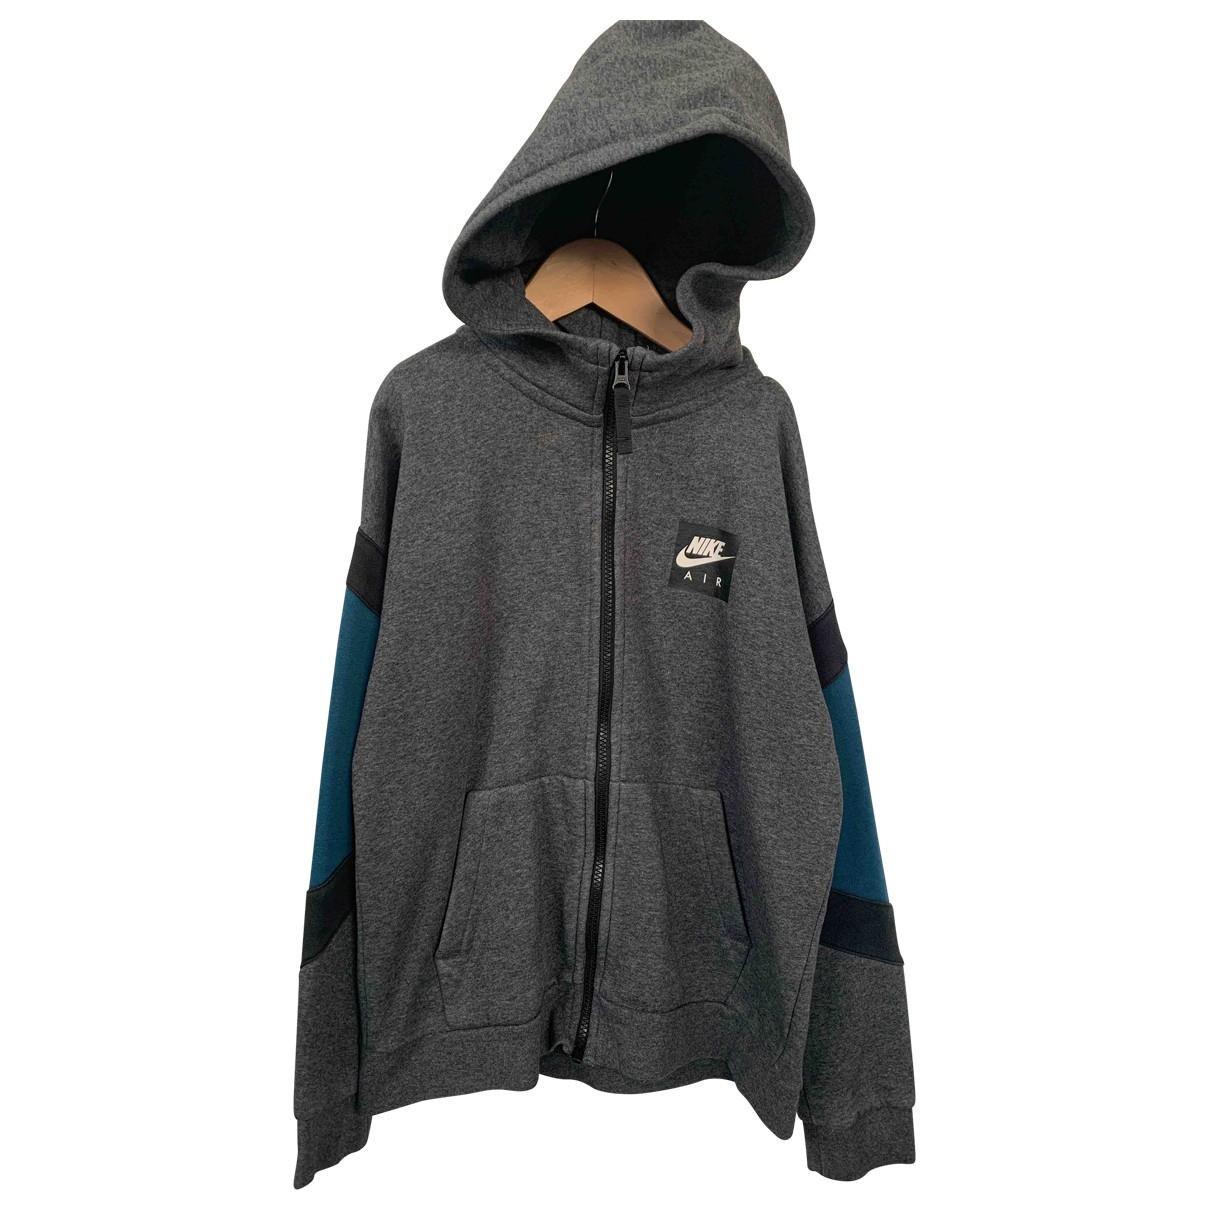 Nike \N Jacke, Maentel in  Grau Baumwolle